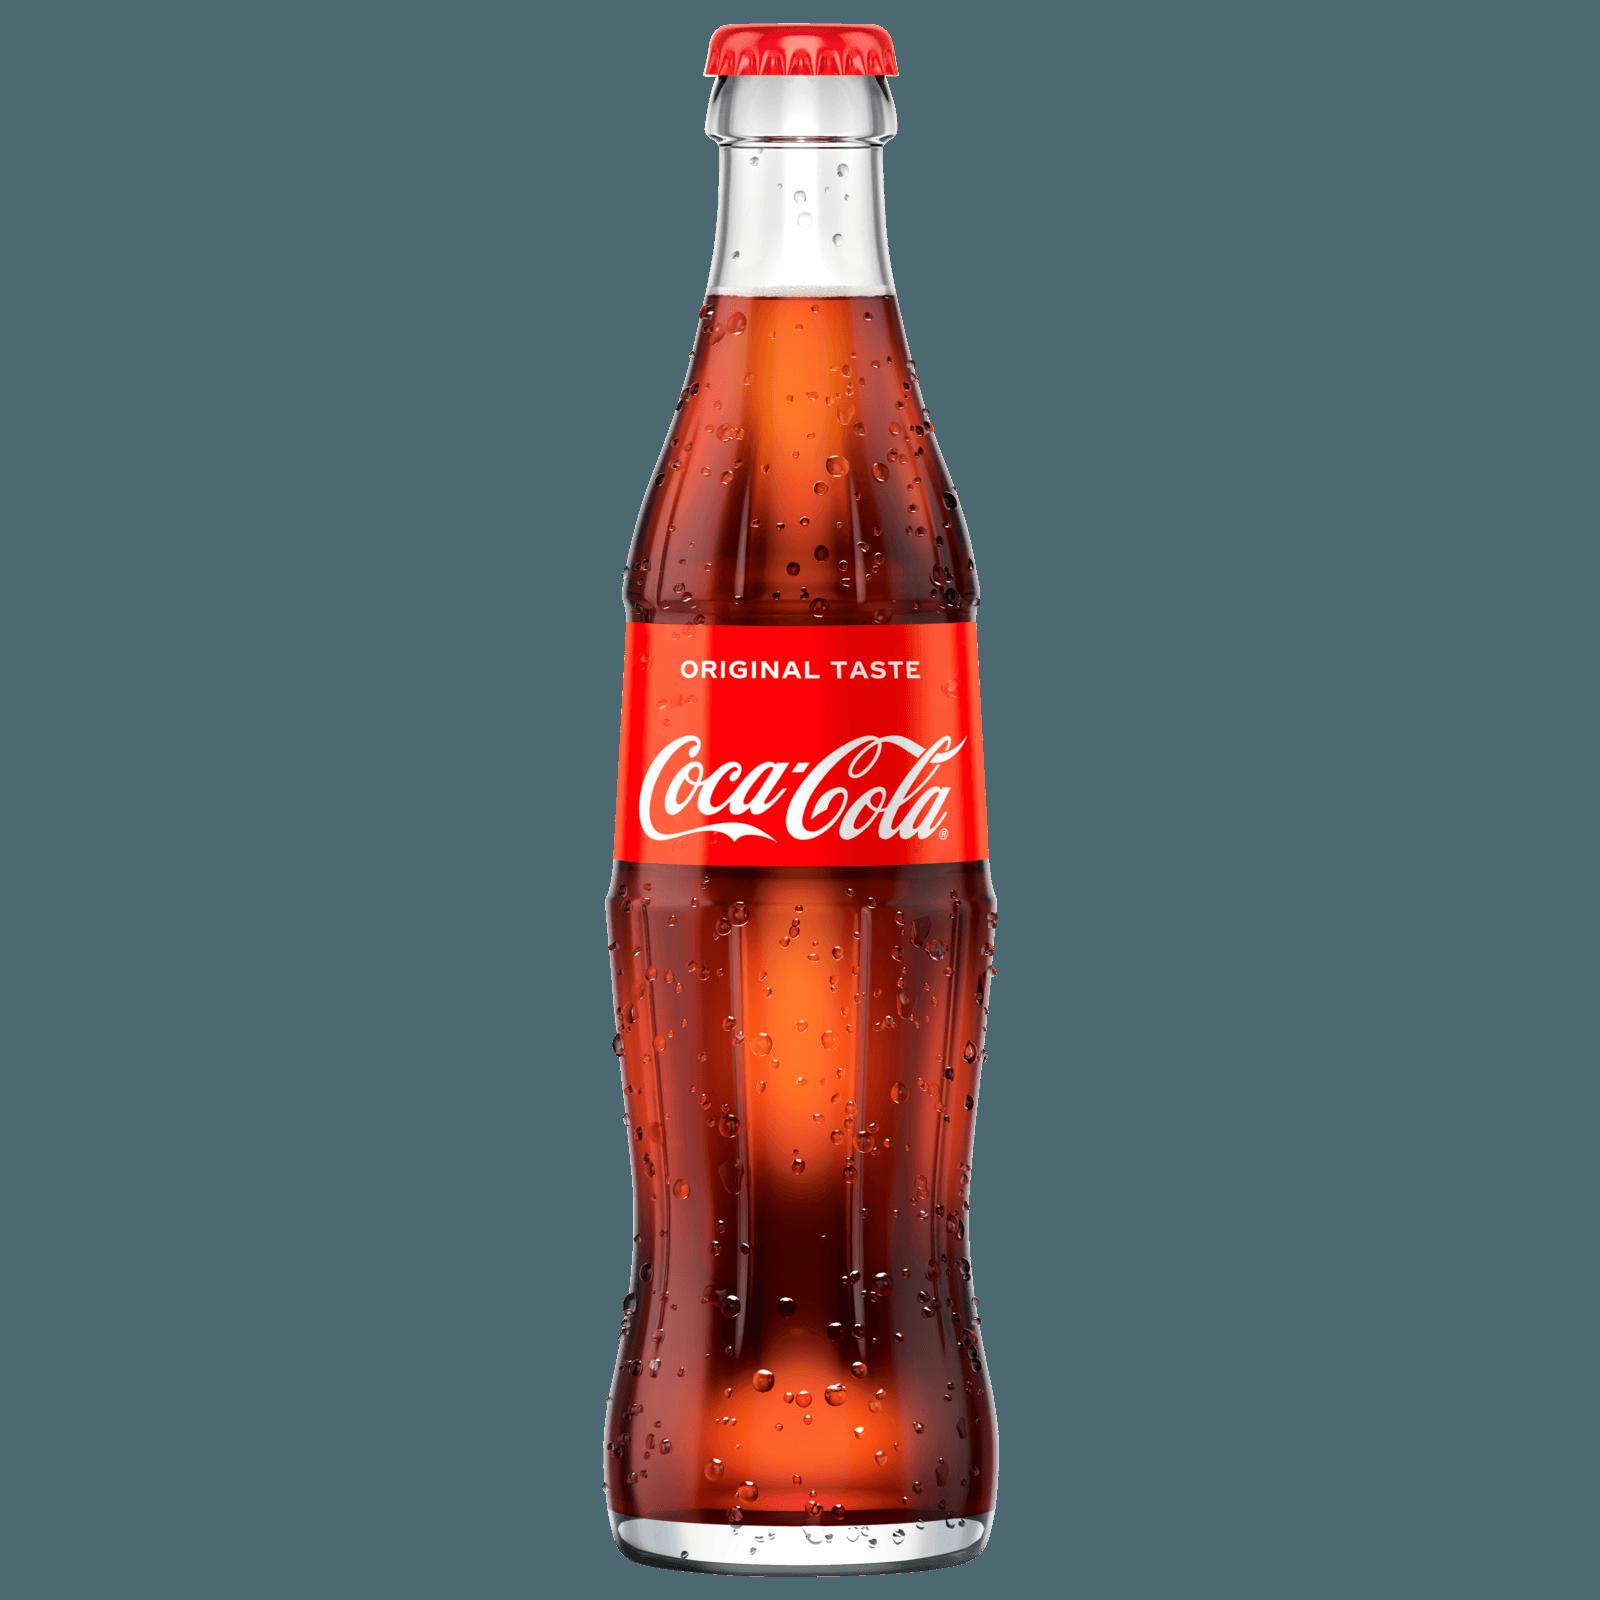 Coca-Cola 0,33l Glasflasche bei REWE online bestellen!